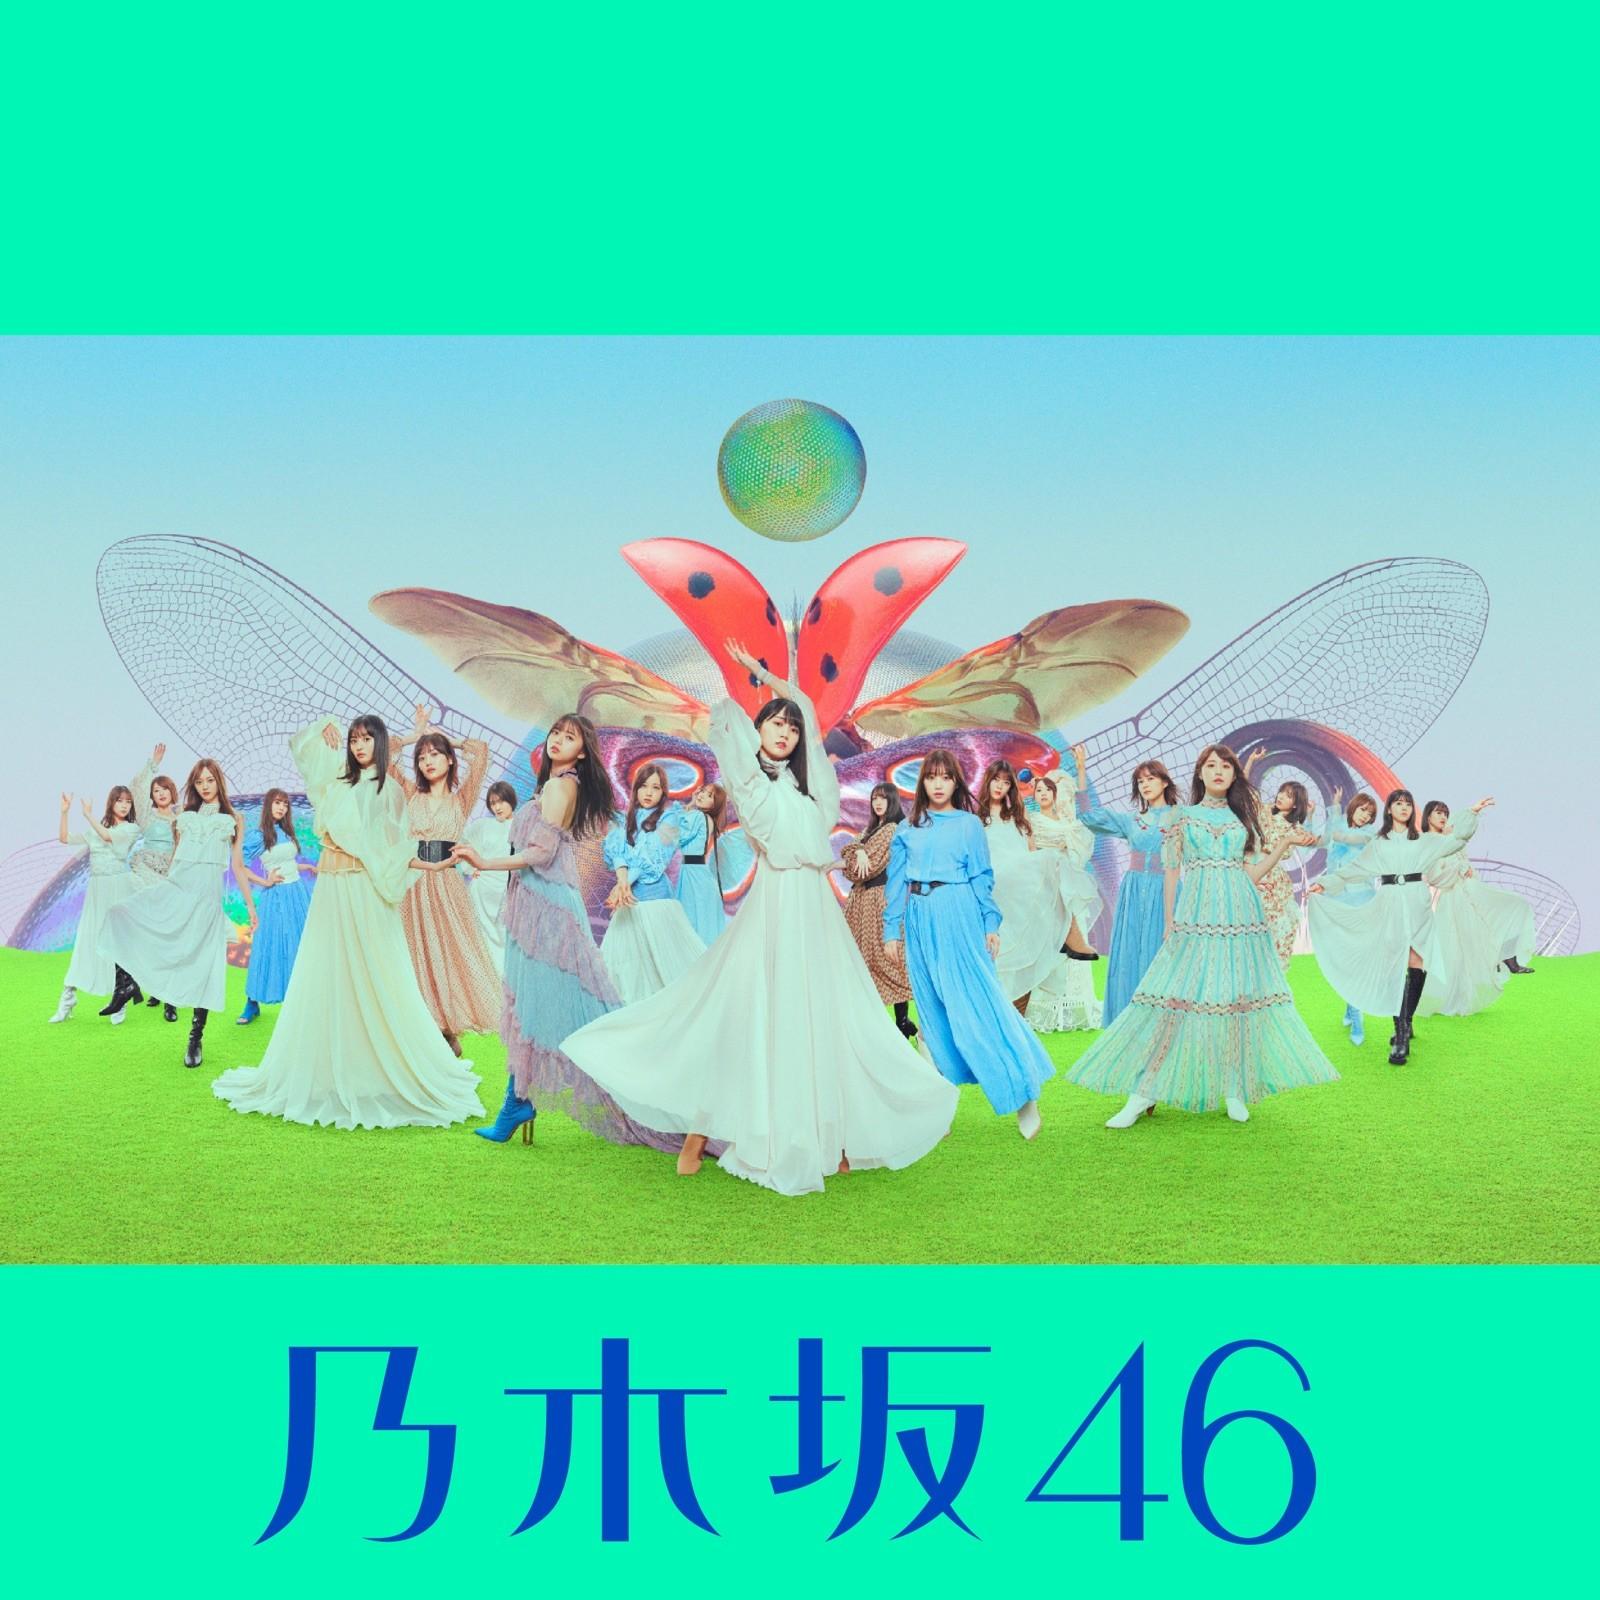 乃木坂46 (Nogizaka46) – 君に叱られた [FLAC + MP3 / WEB] [2021.09.22]